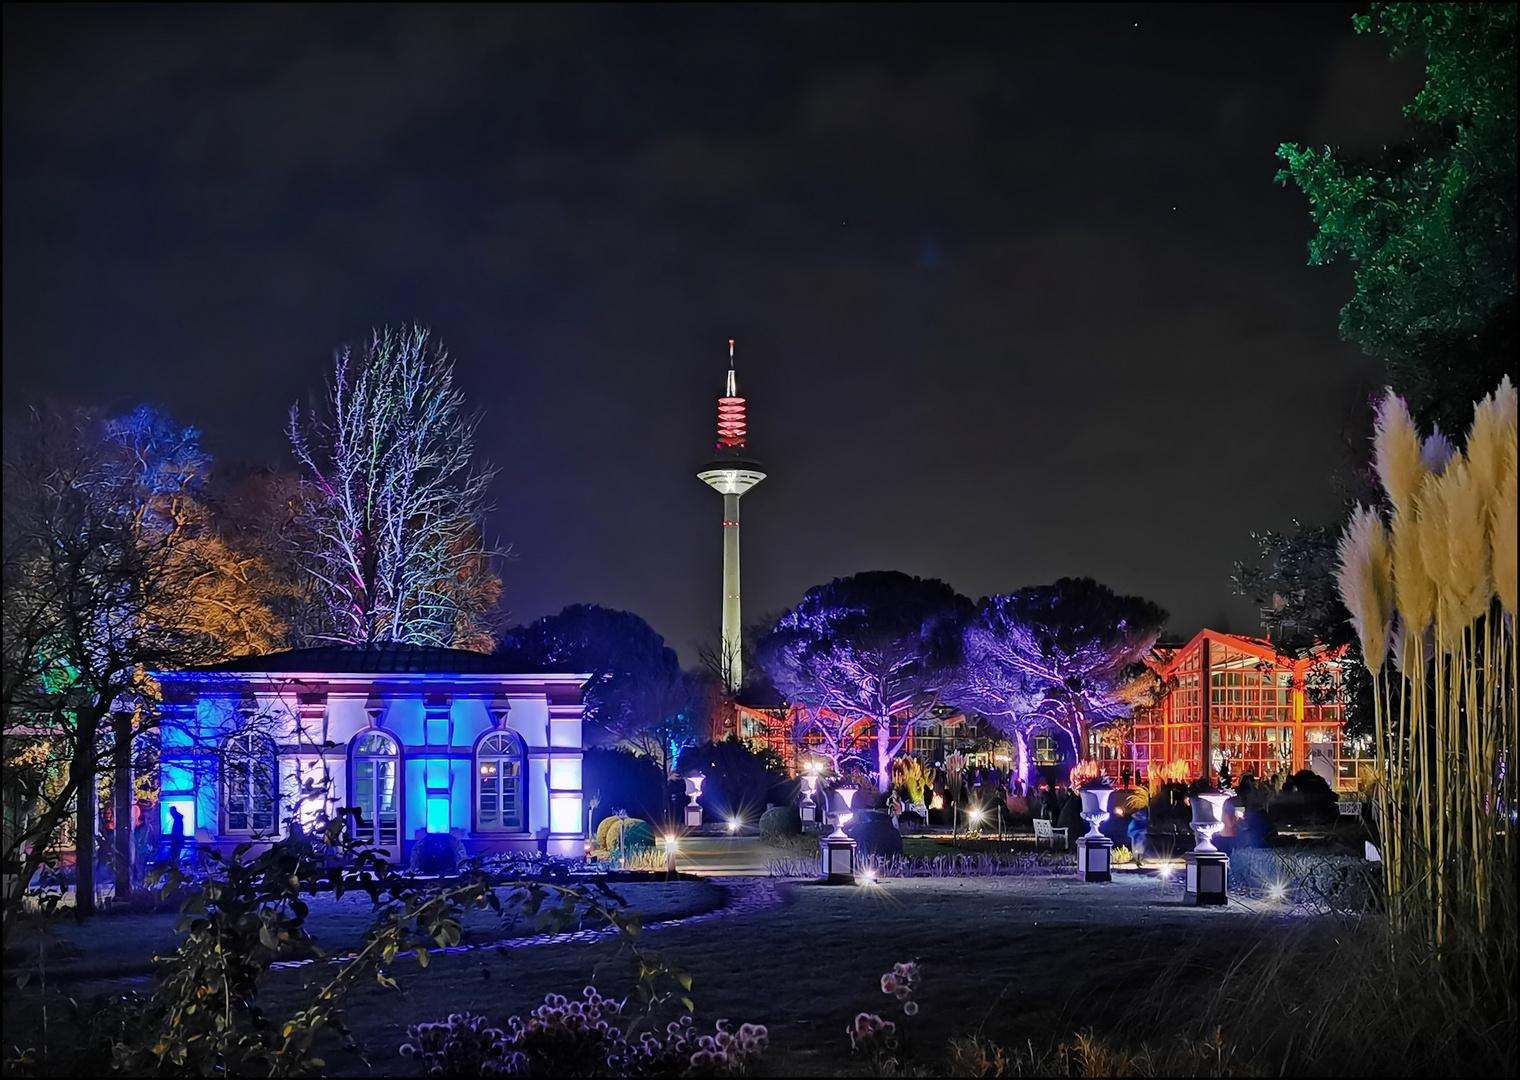 1001 Nacht in Frankfurt